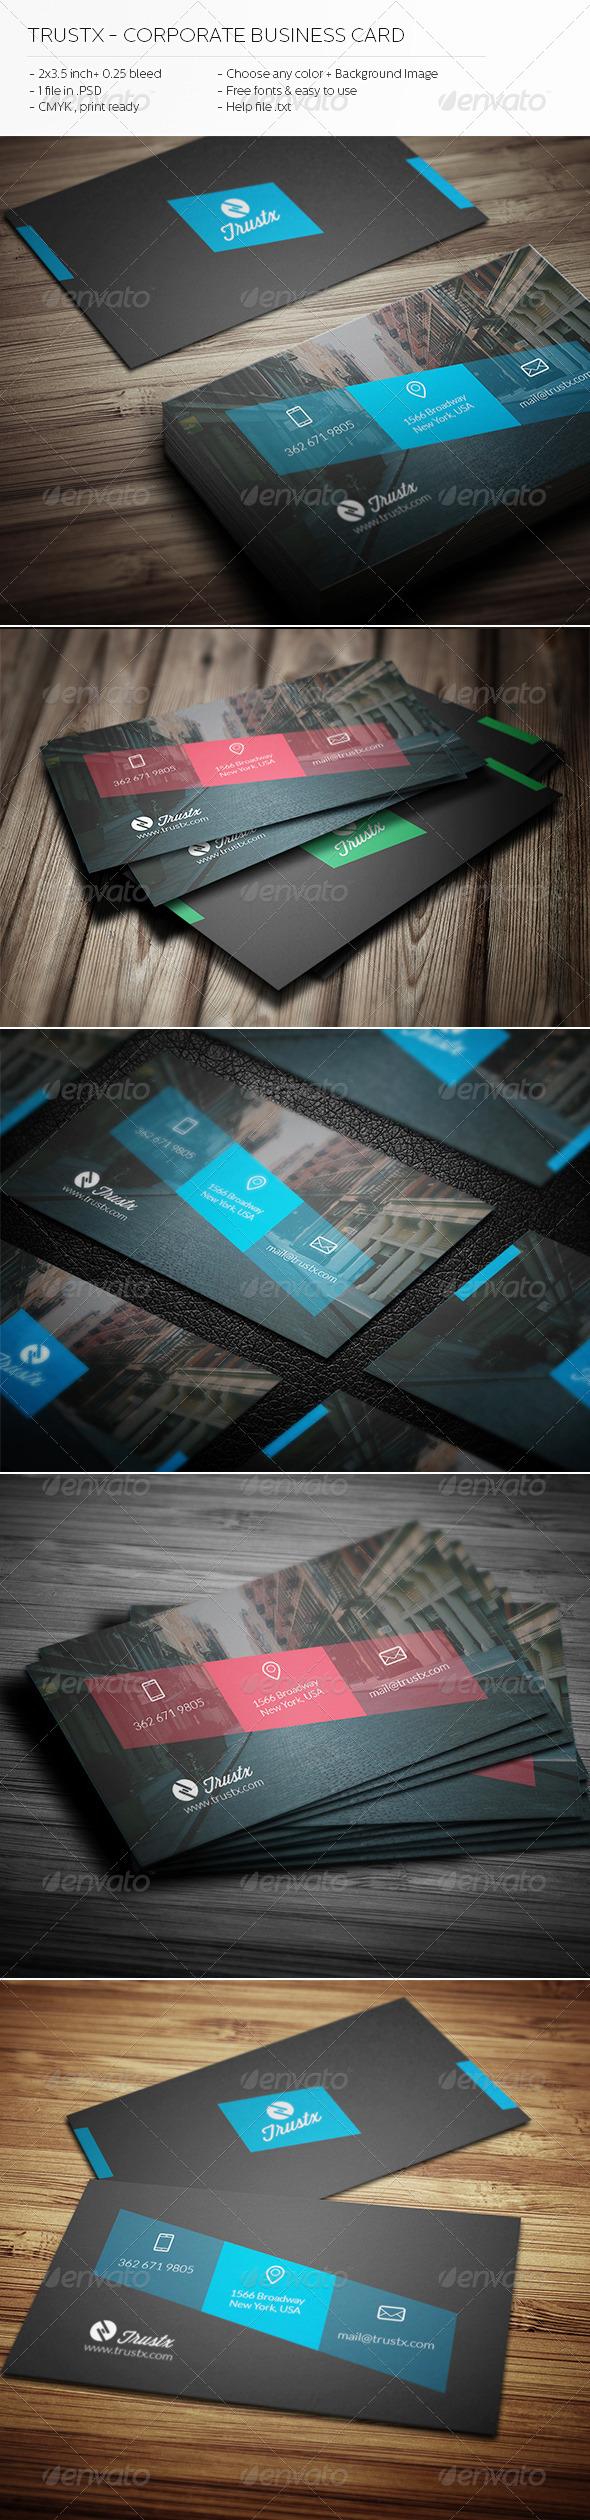 GraphicRiver Trustx Corporate Business Card 5442106